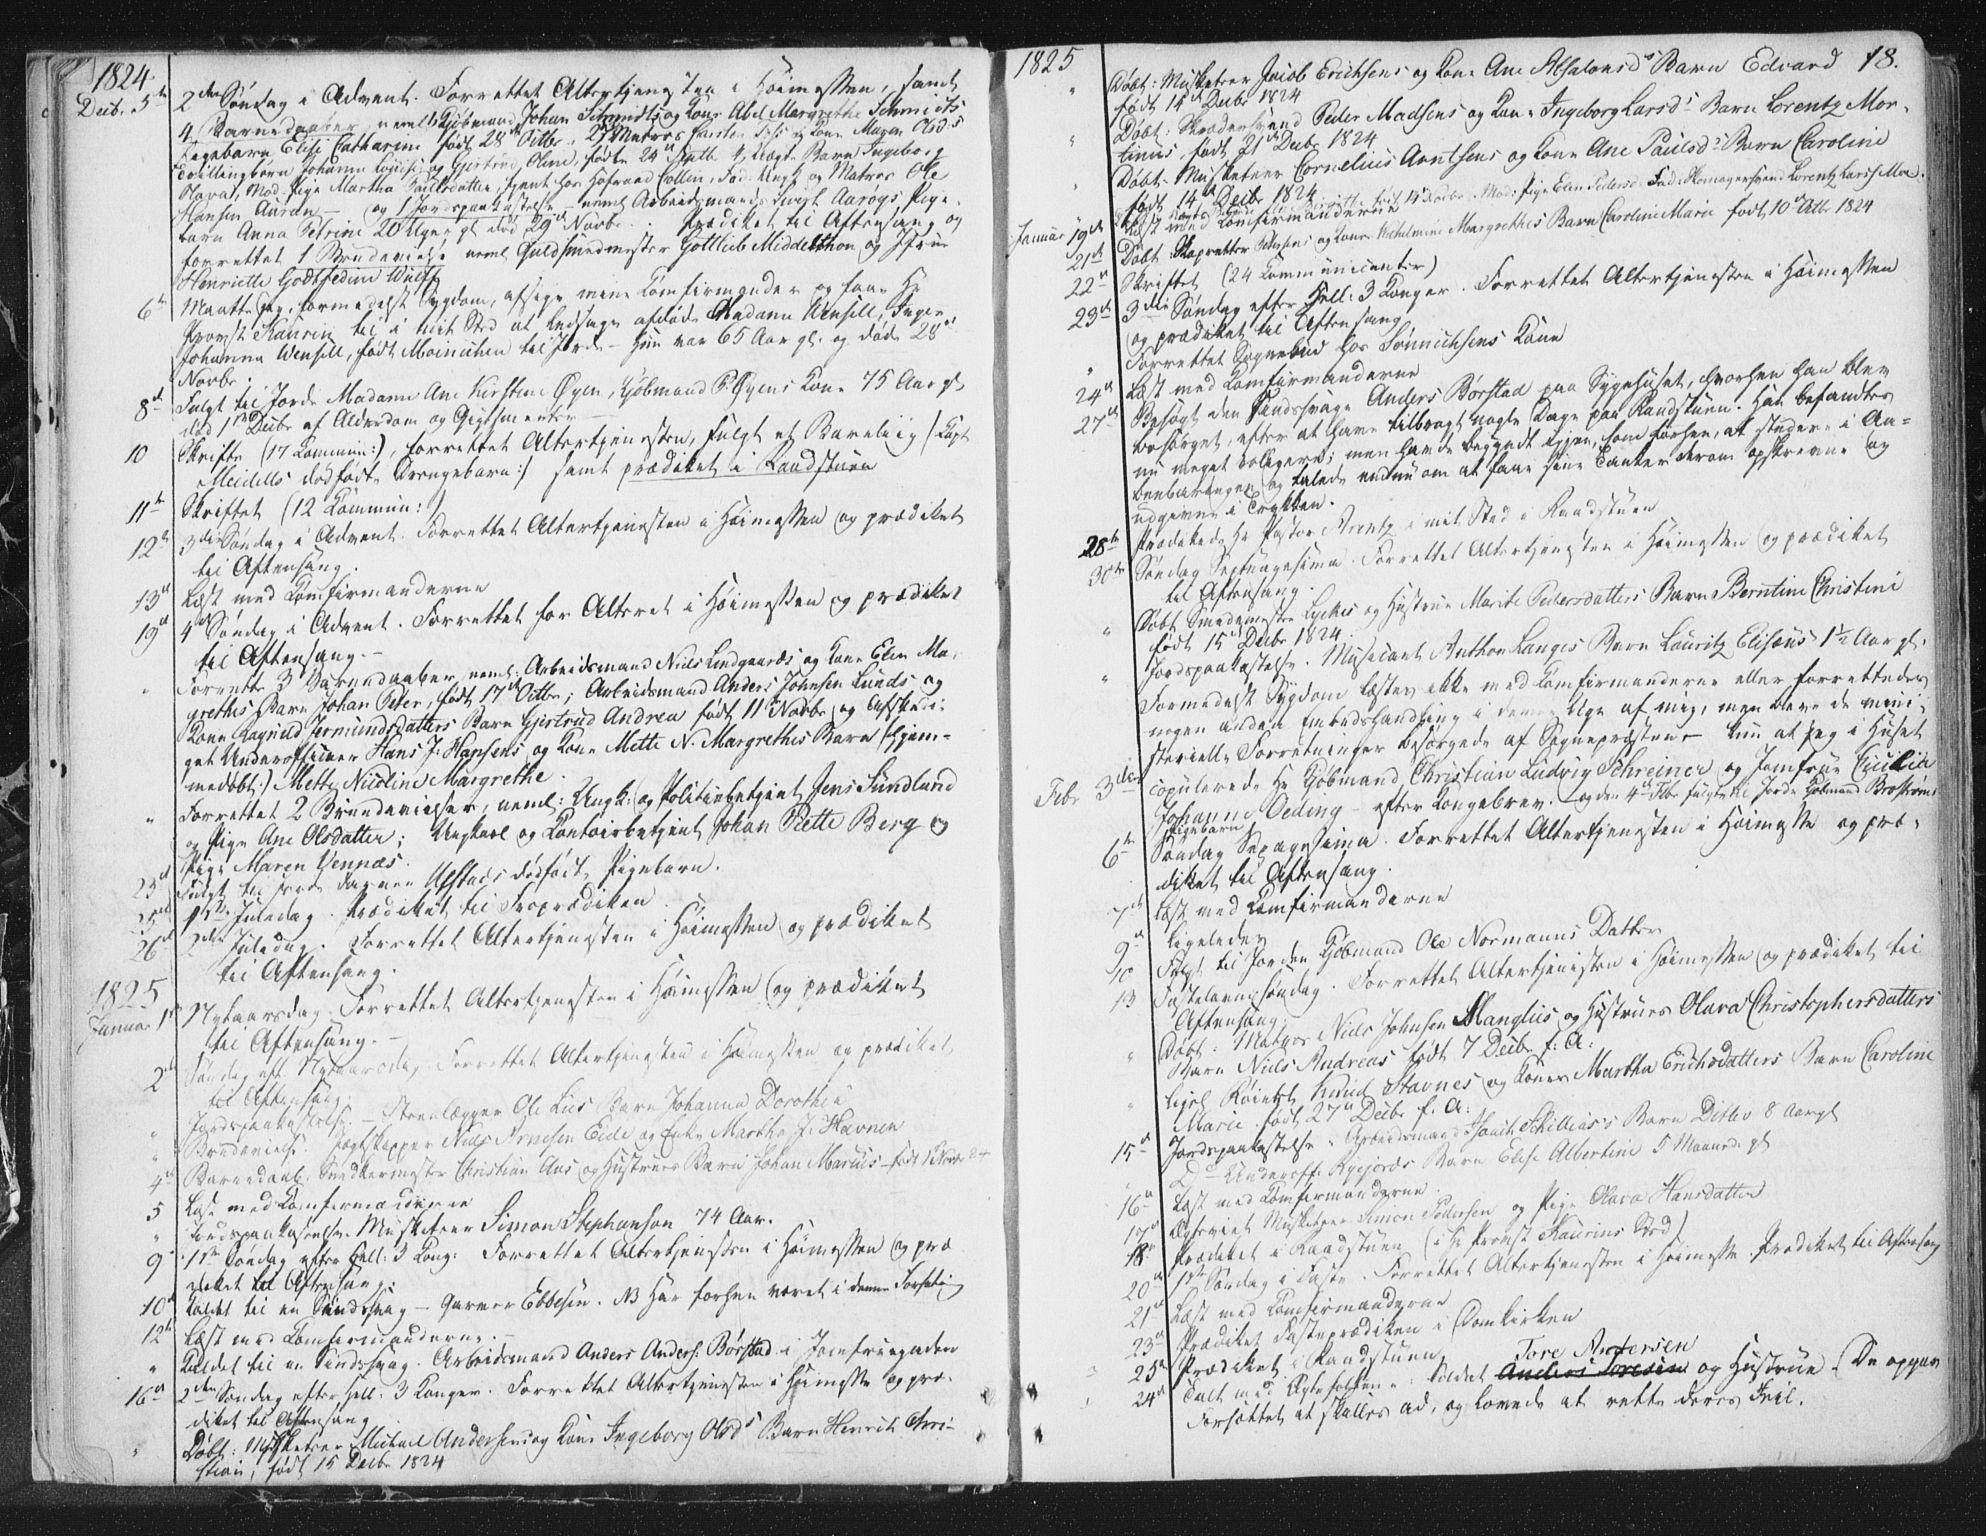 SAT, Ministerialprotokoller, klokkerbøker og fødselsregistre - Sør-Trøndelag, 602/L0127: Residerende kapellans bok nr. 602B01, 1821-1875, s. 18